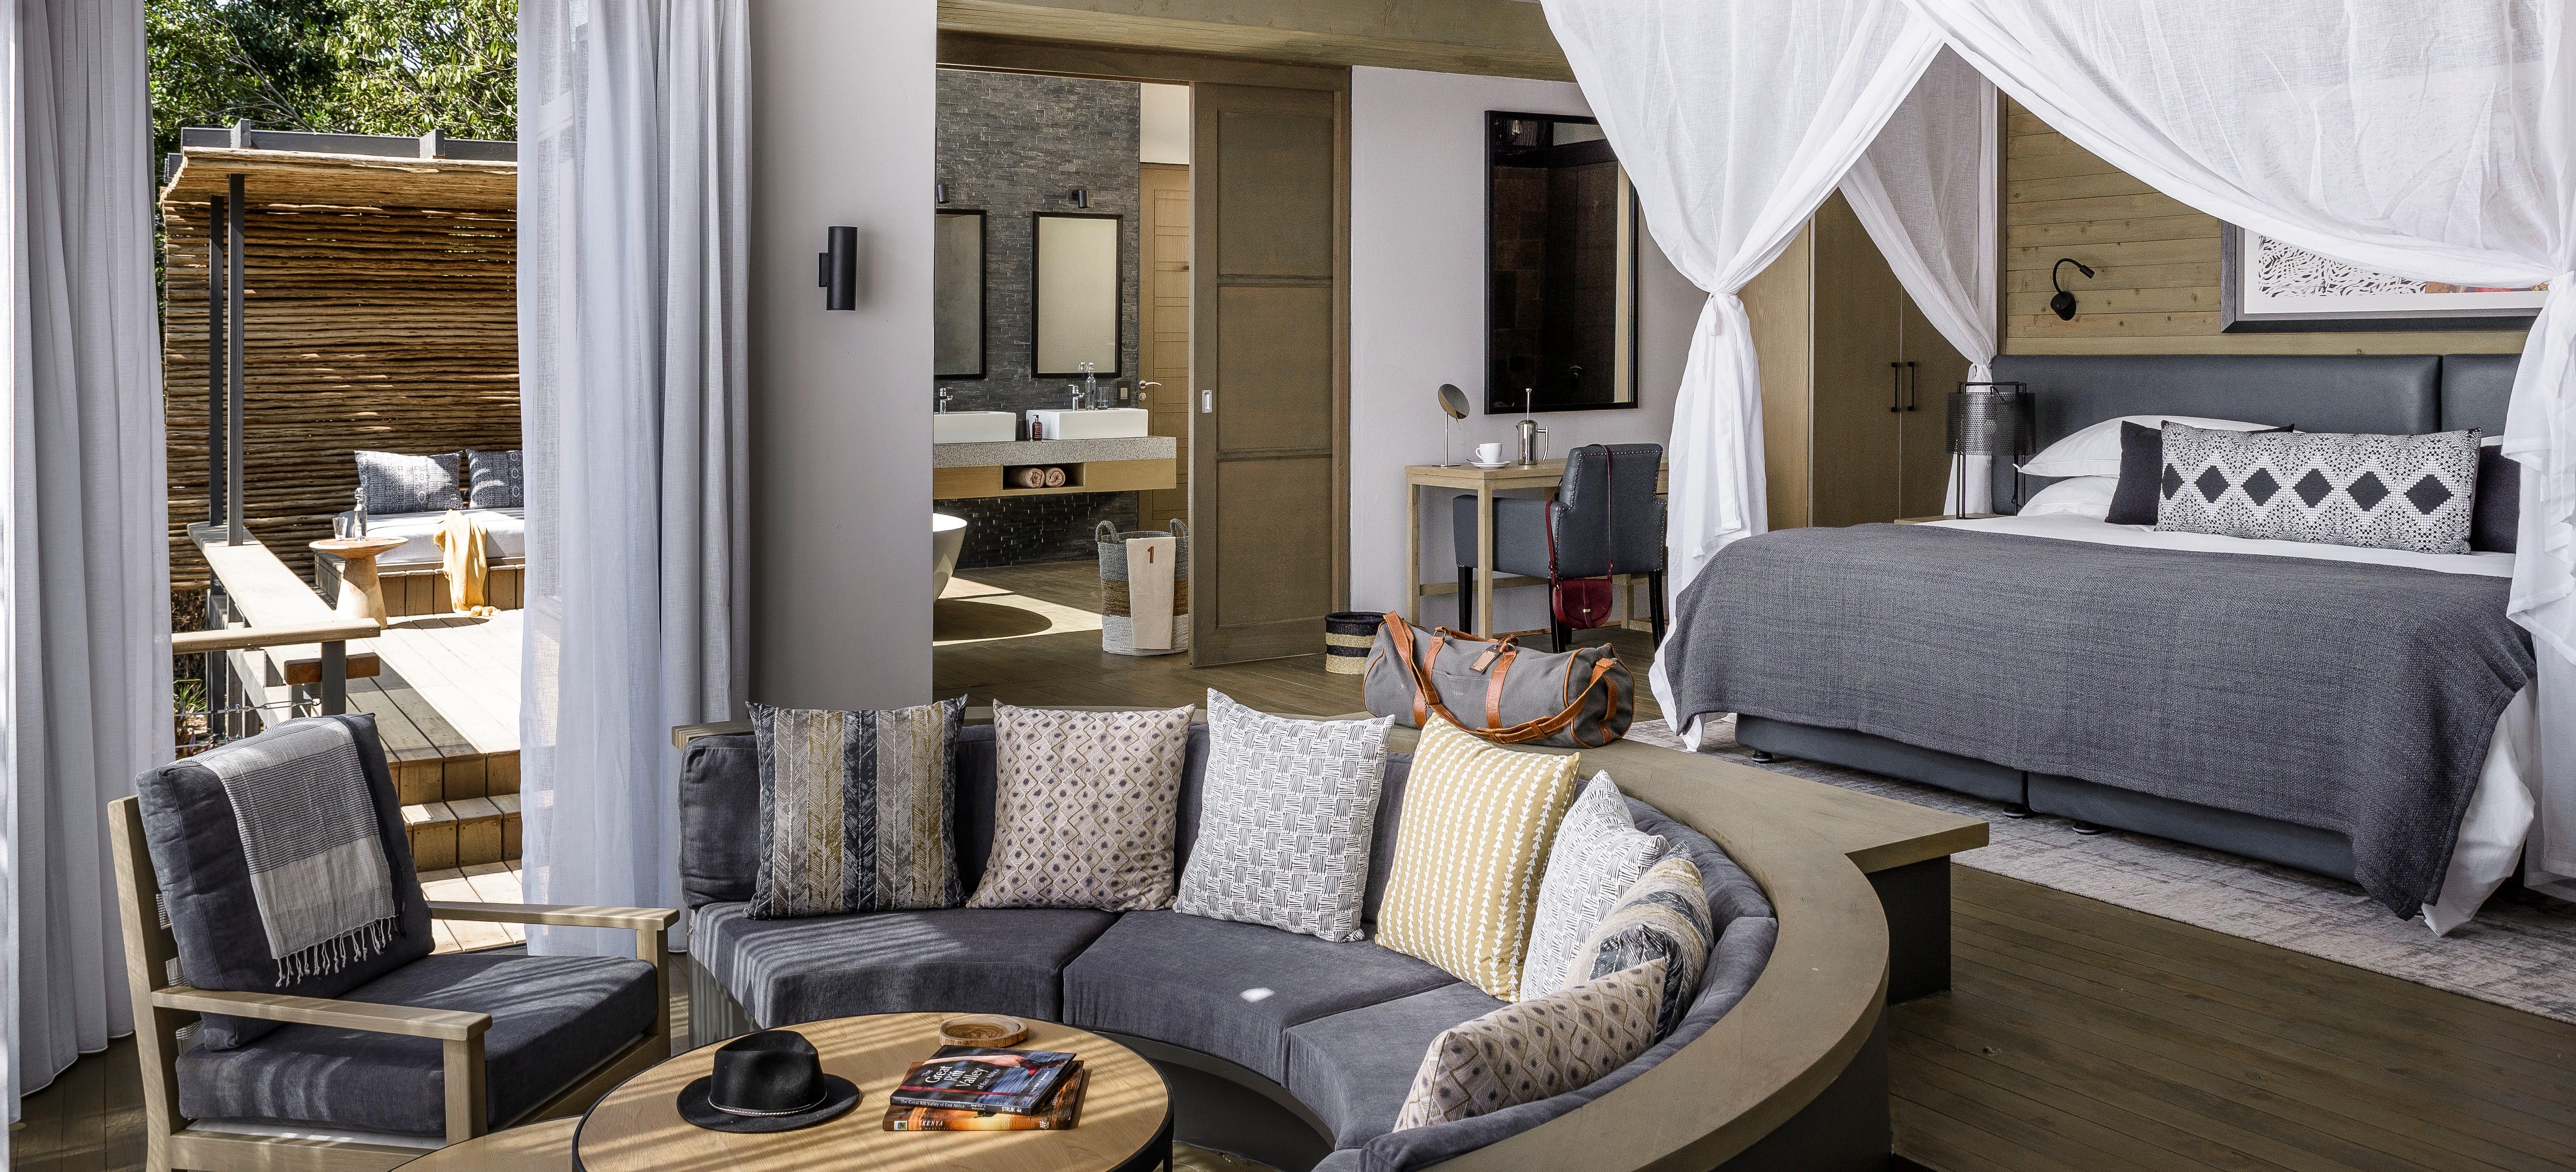 sanctuary-olonana-suite-interior